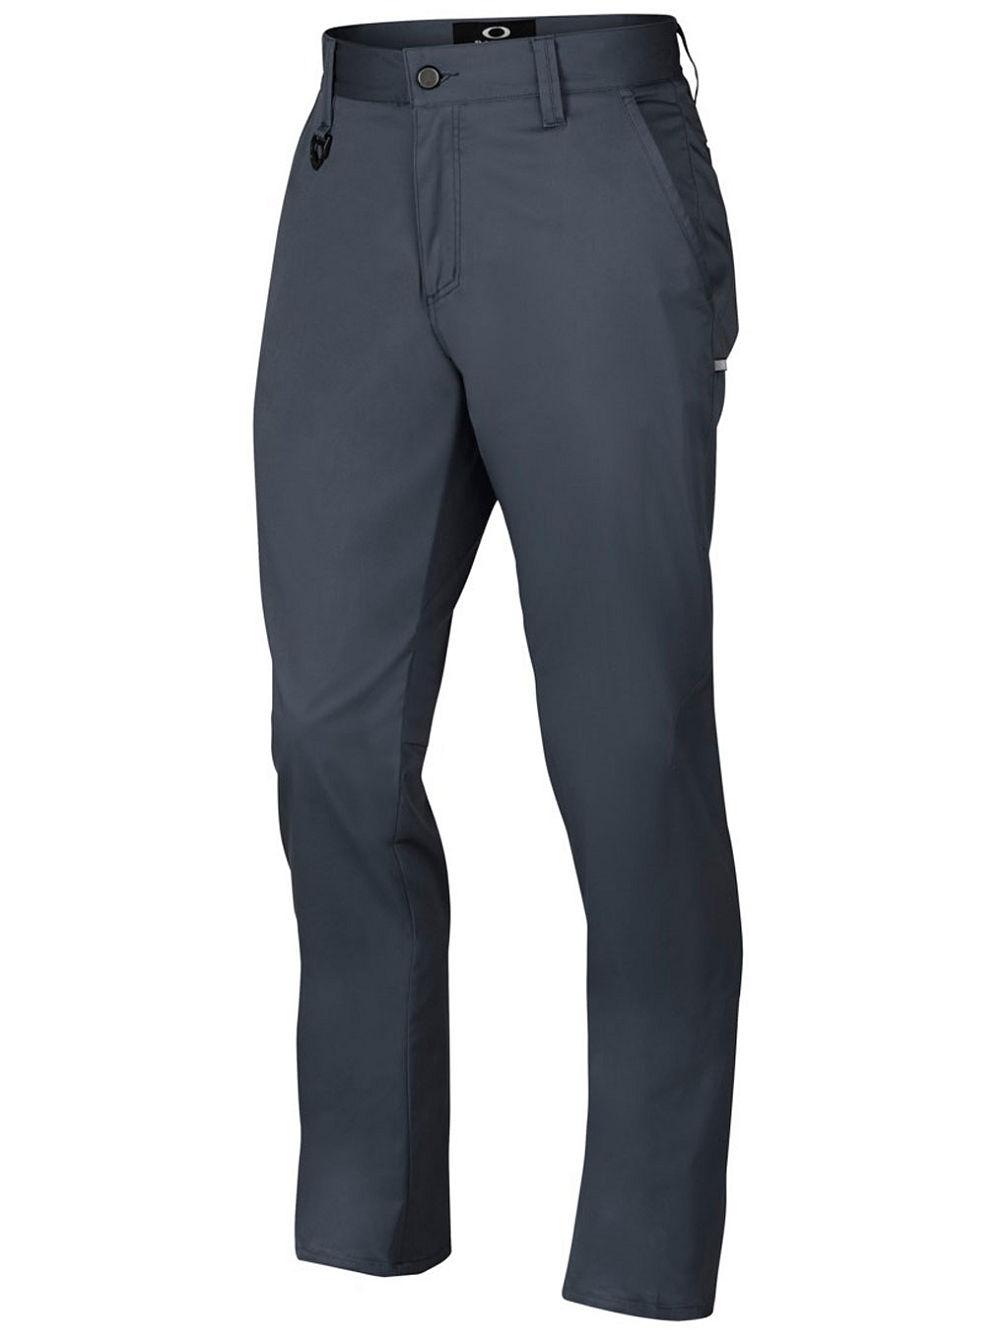 oakley-optimum-pants